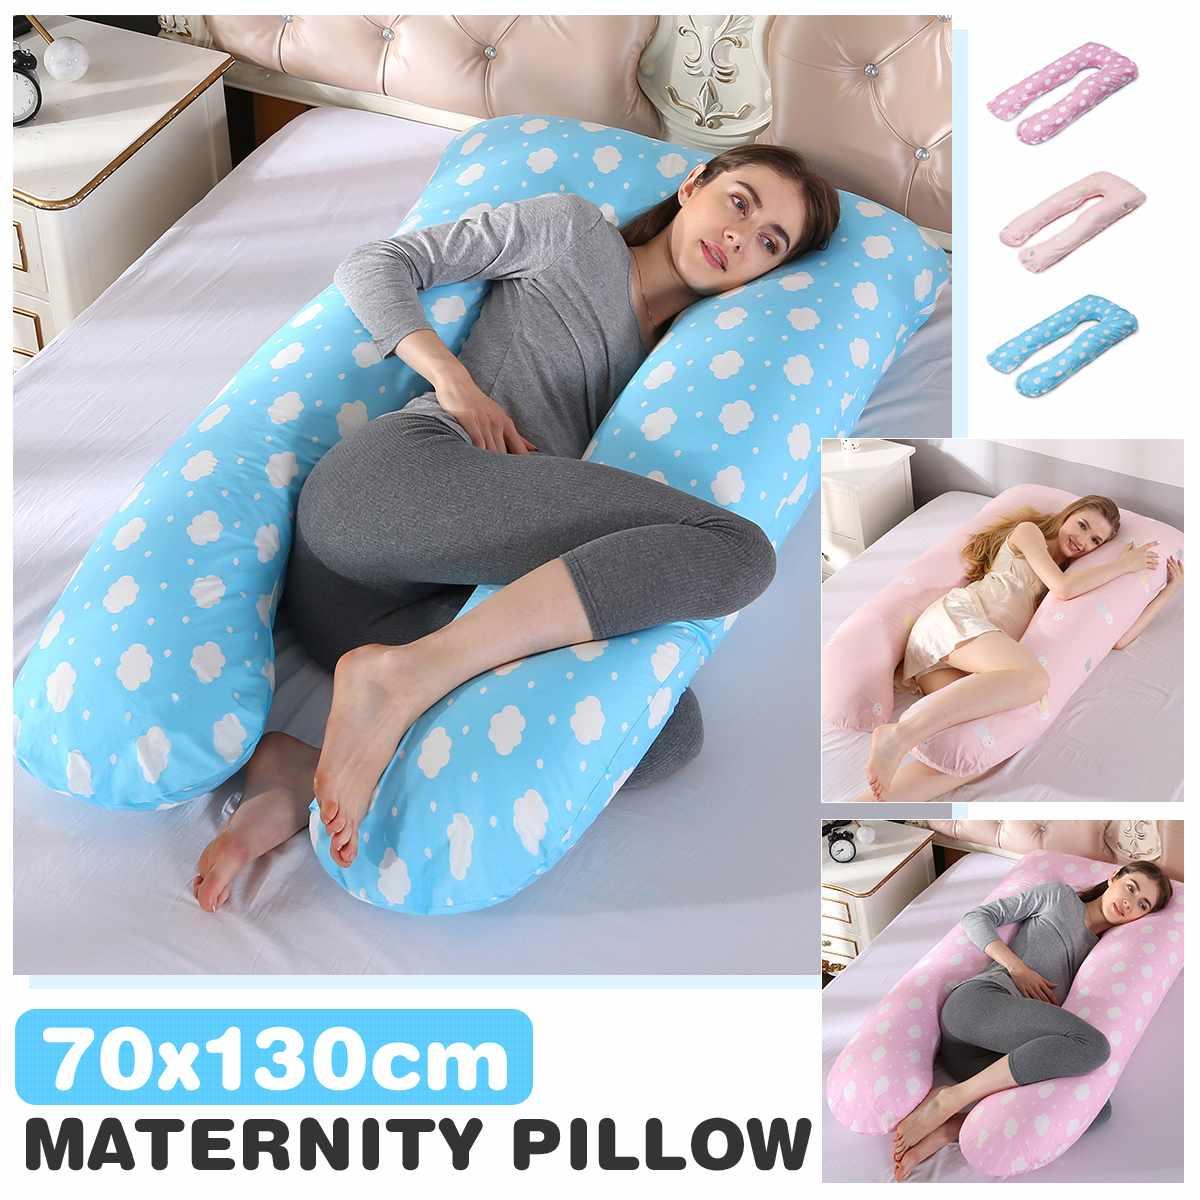 وسادة حمل كبيرة على شكل حرف U ، 32x30x15 سنتيمتر ، مريحة ، للأمومة ، للجسم ، للحمل ، للنساء الحوامل ، للنوم على الجانب